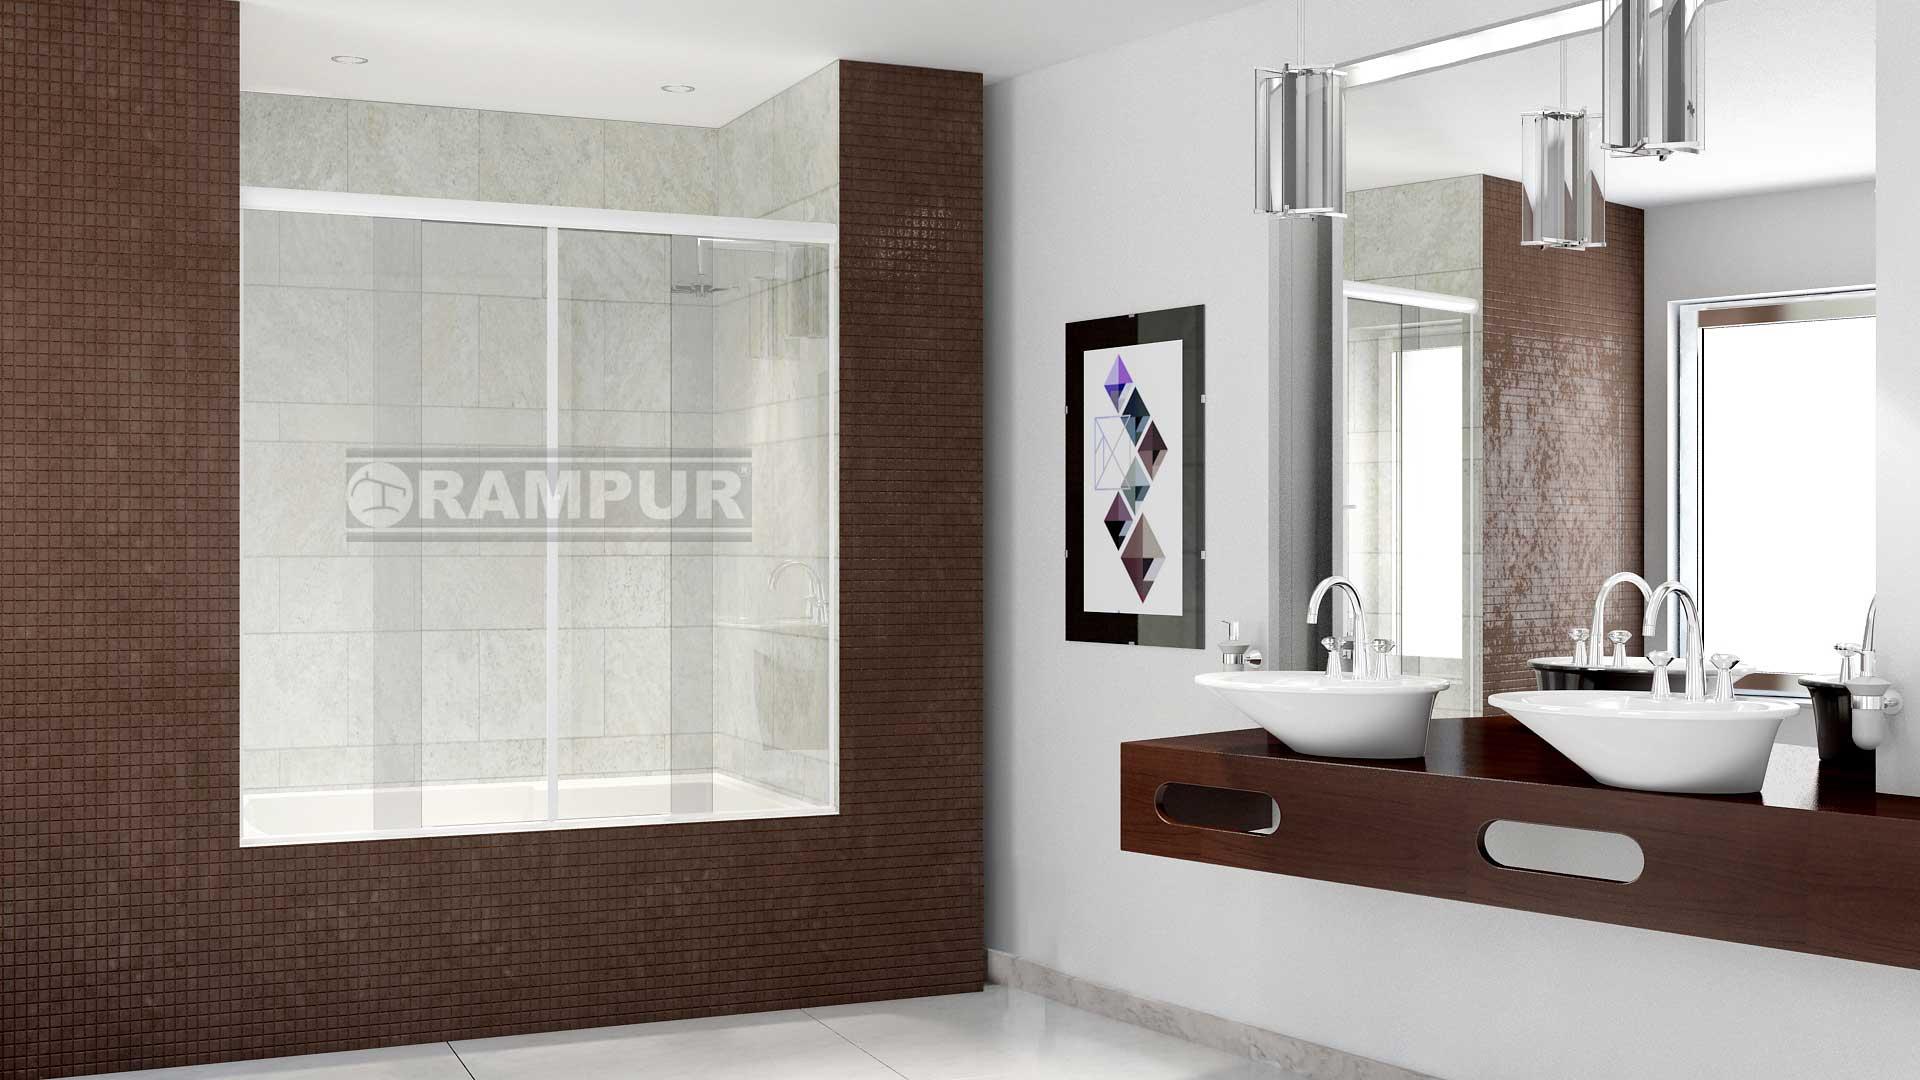 Rampur mamparas para ba eras vidrio lacar est ndar for Mamparas para baneras